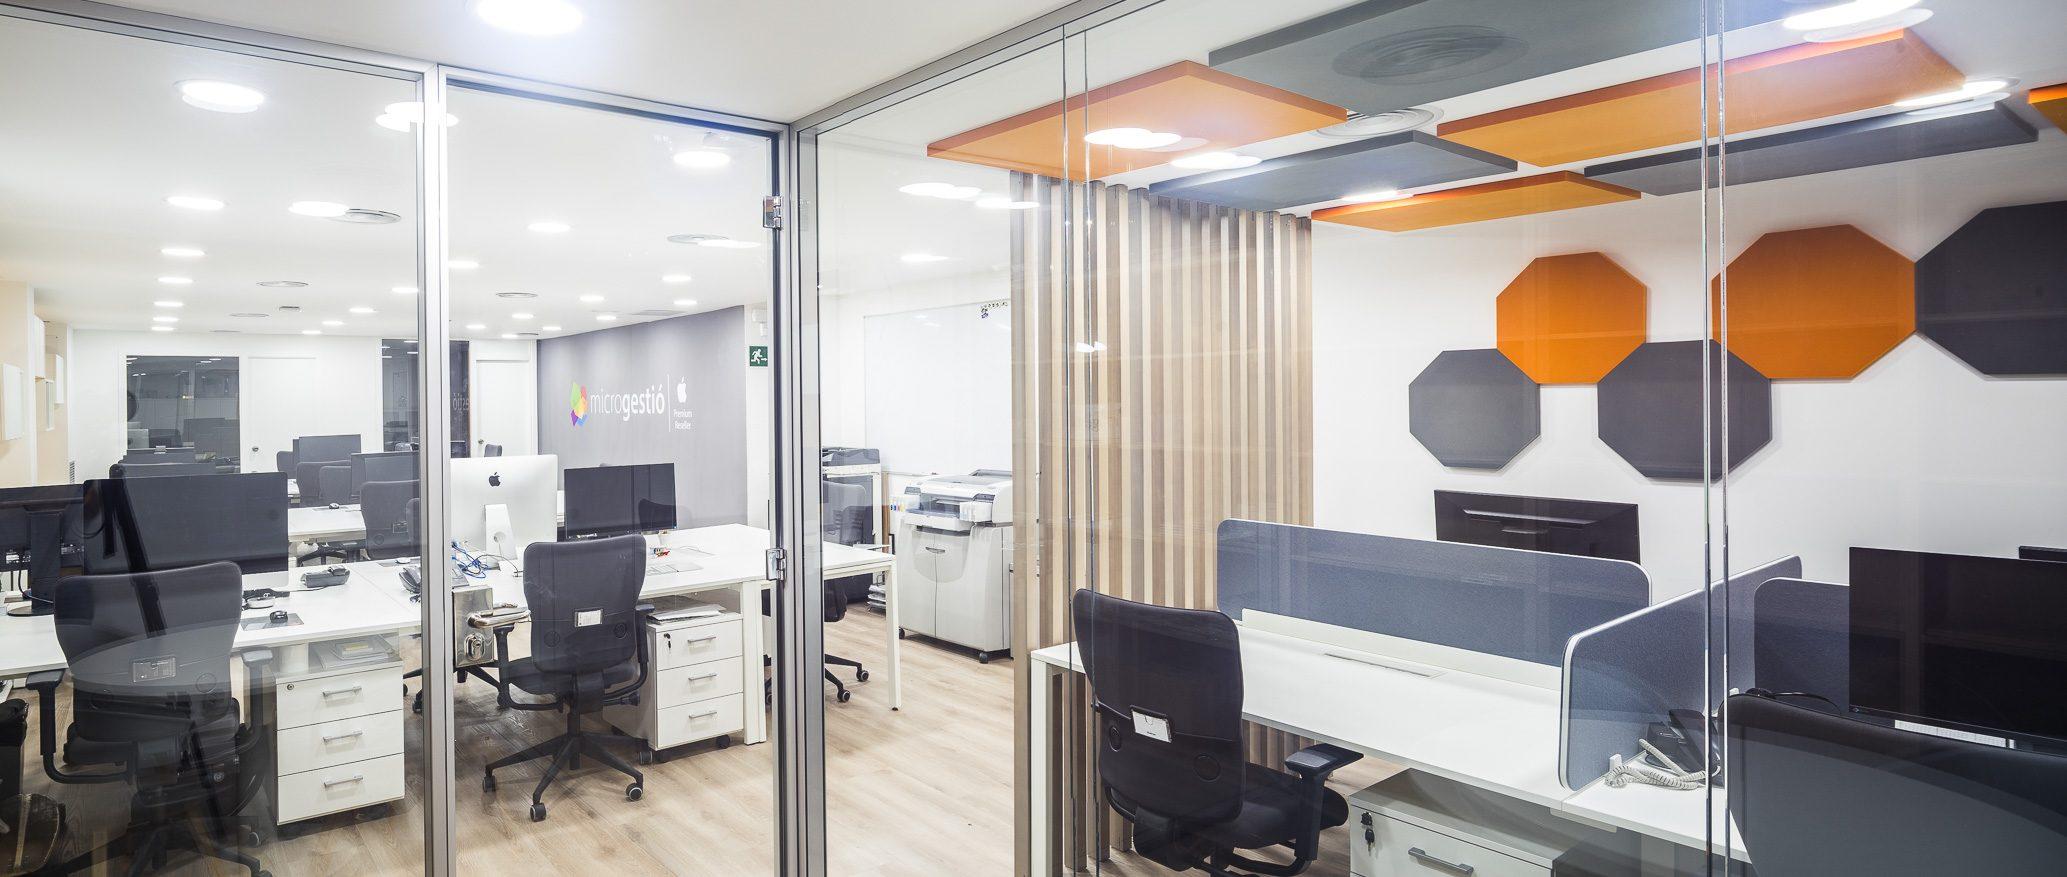 Espacios abiertos y confort ac stico c mo reducir el for Ruido oficina